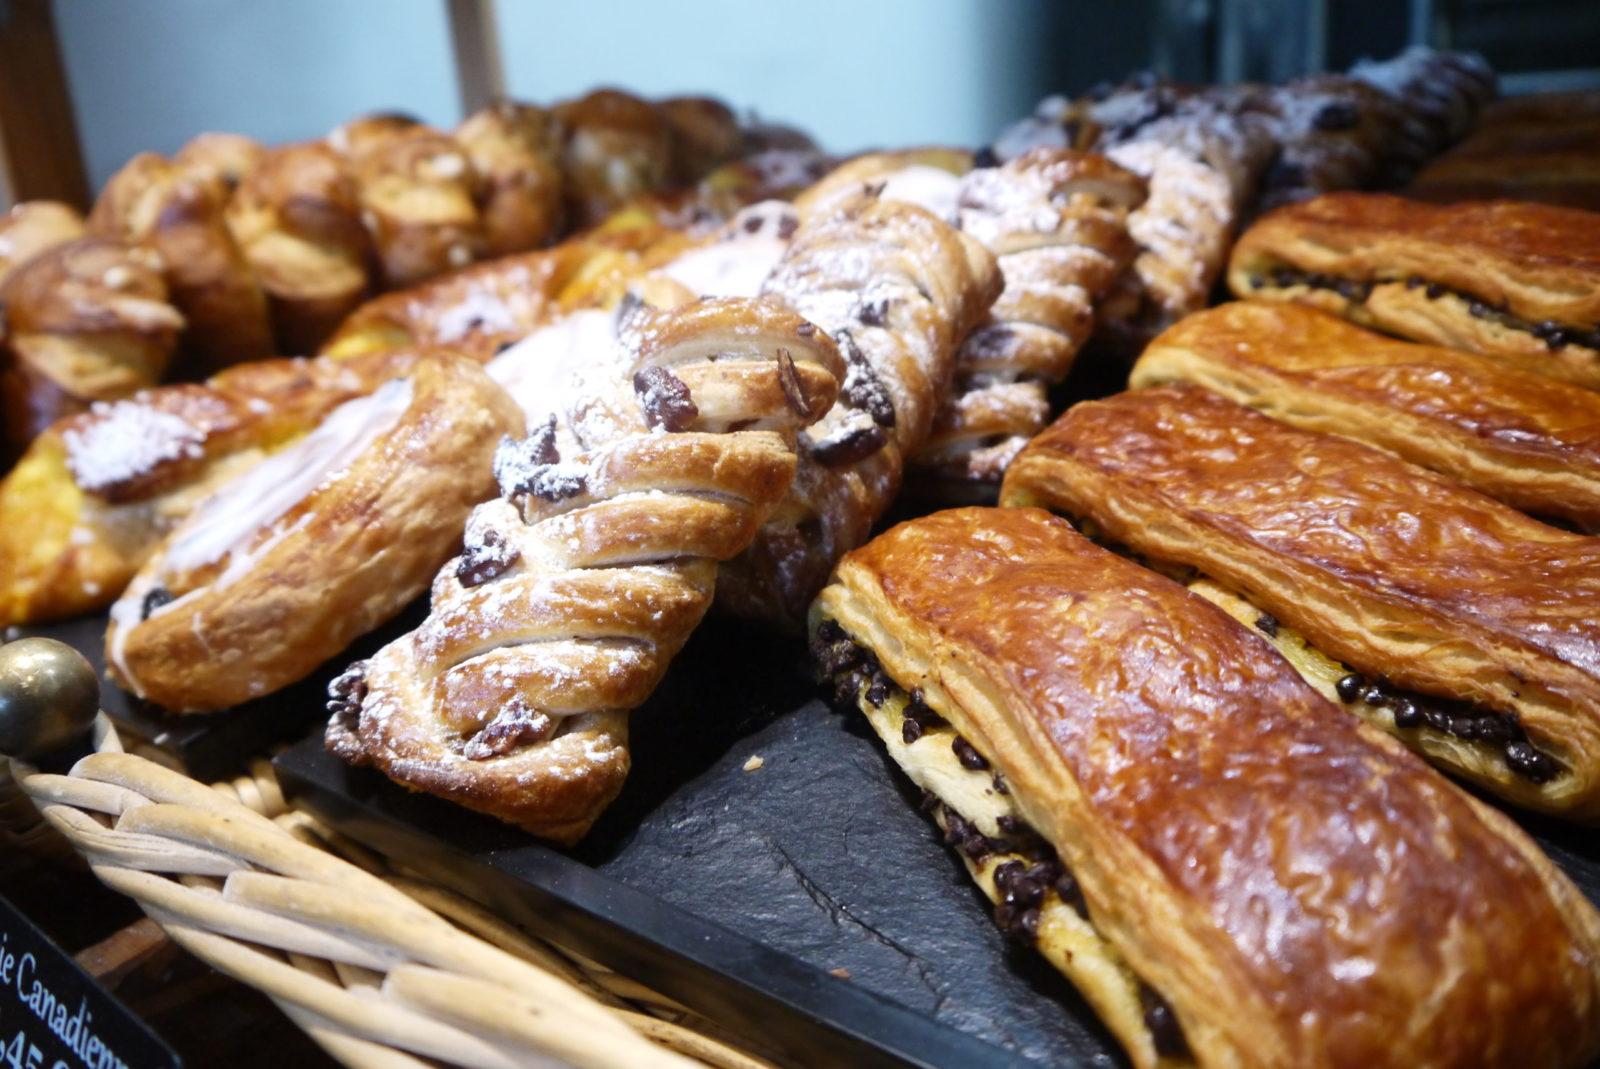 viennoiserie boulangerie au p'tit louis